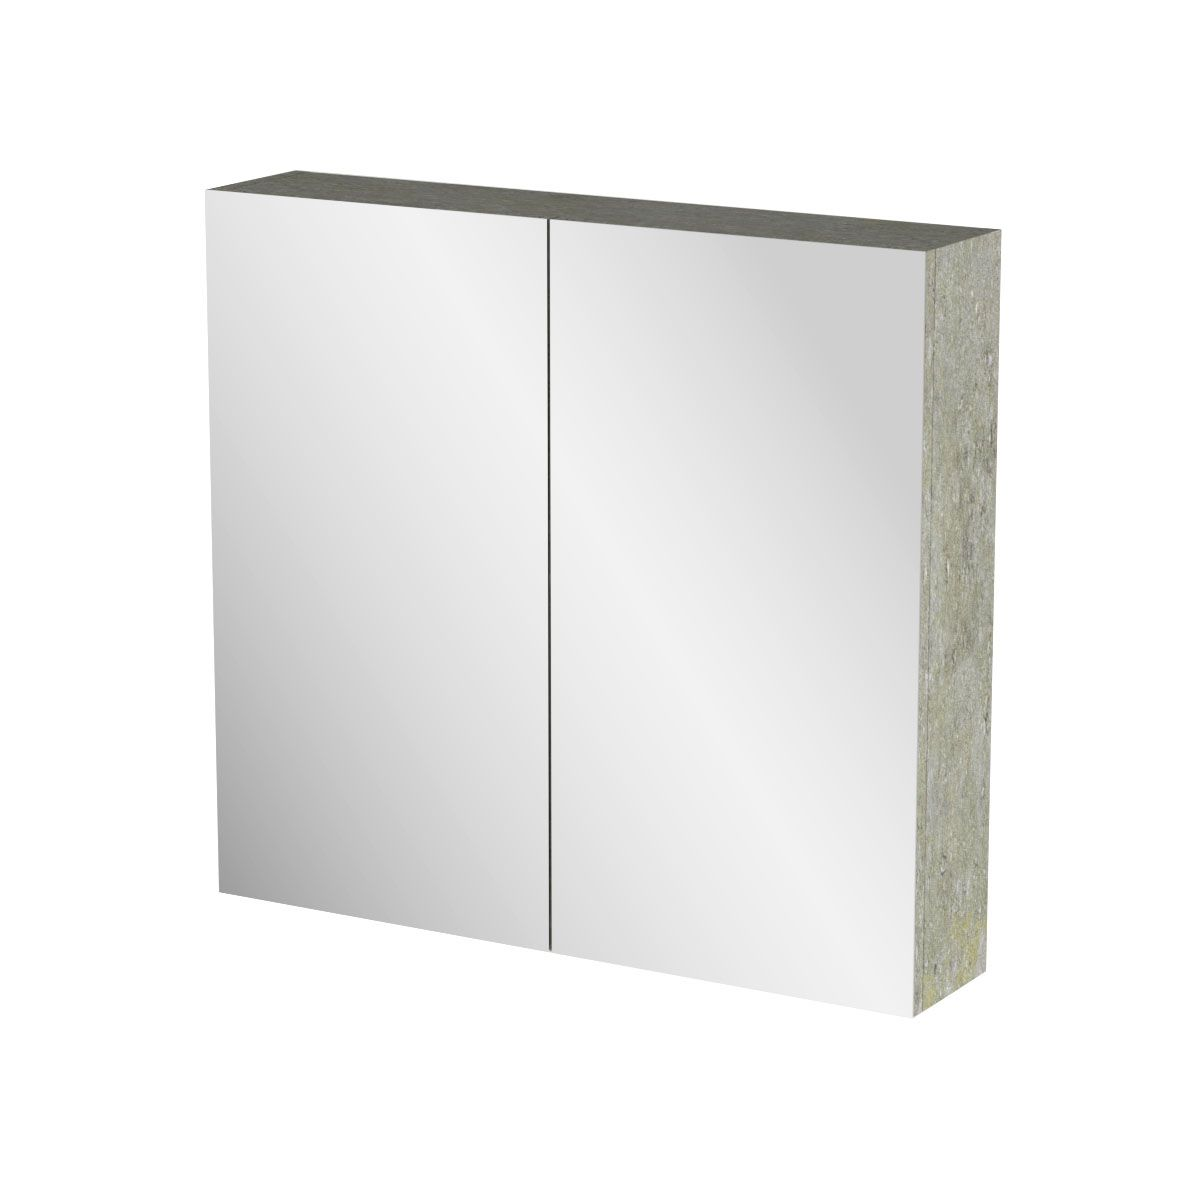 """Καθρέπτης μπάνιου """"ARLENE"""" σε cemento χρώμα 71x14x65"""